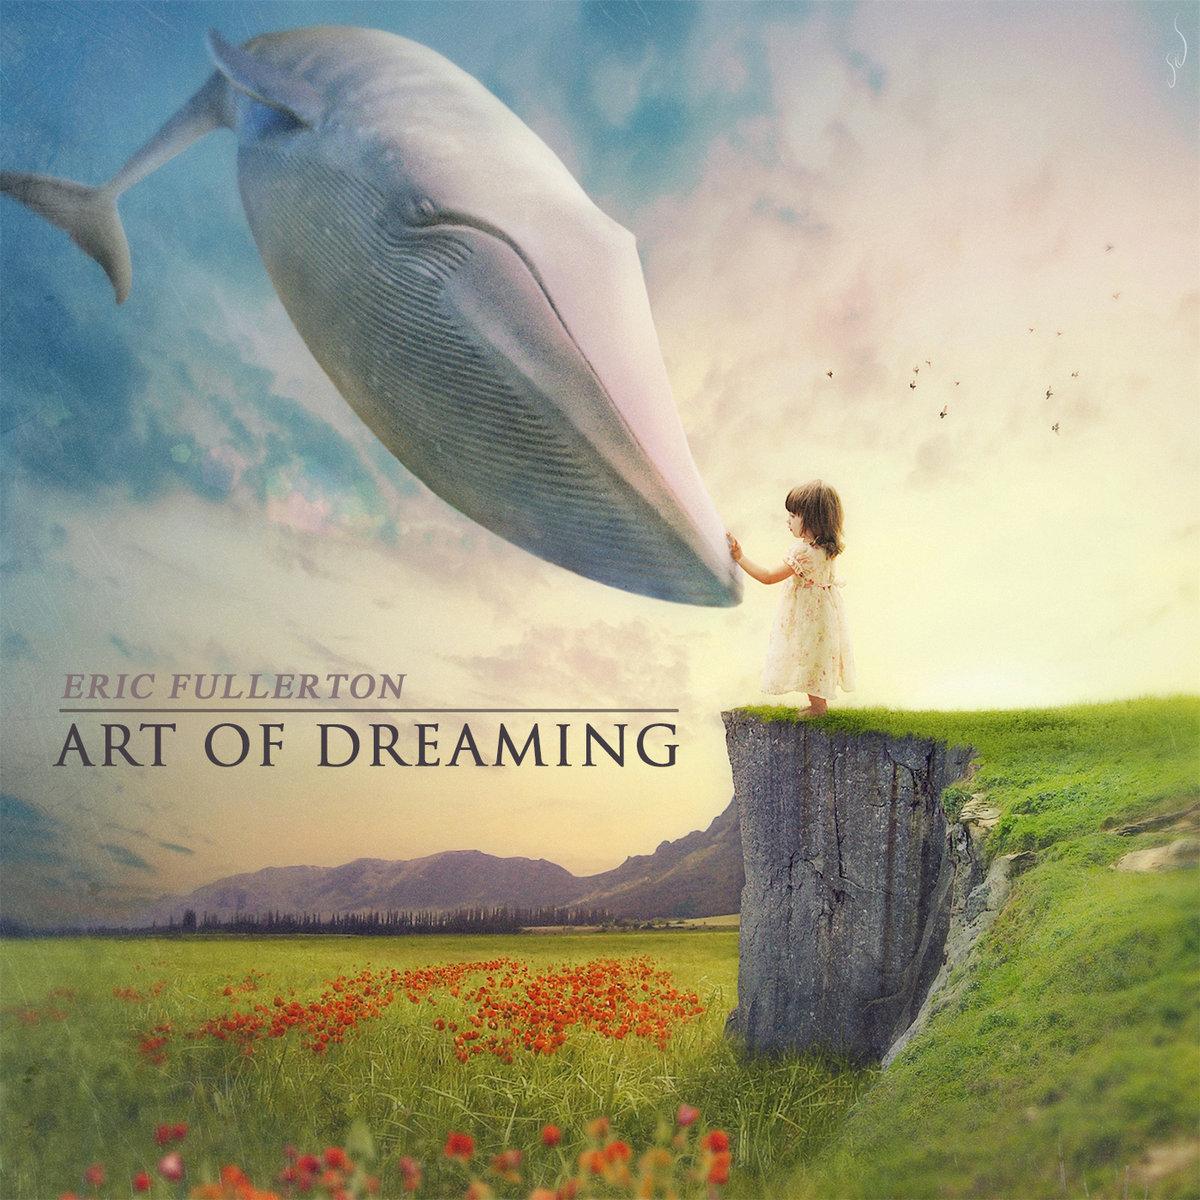 artofdreaming